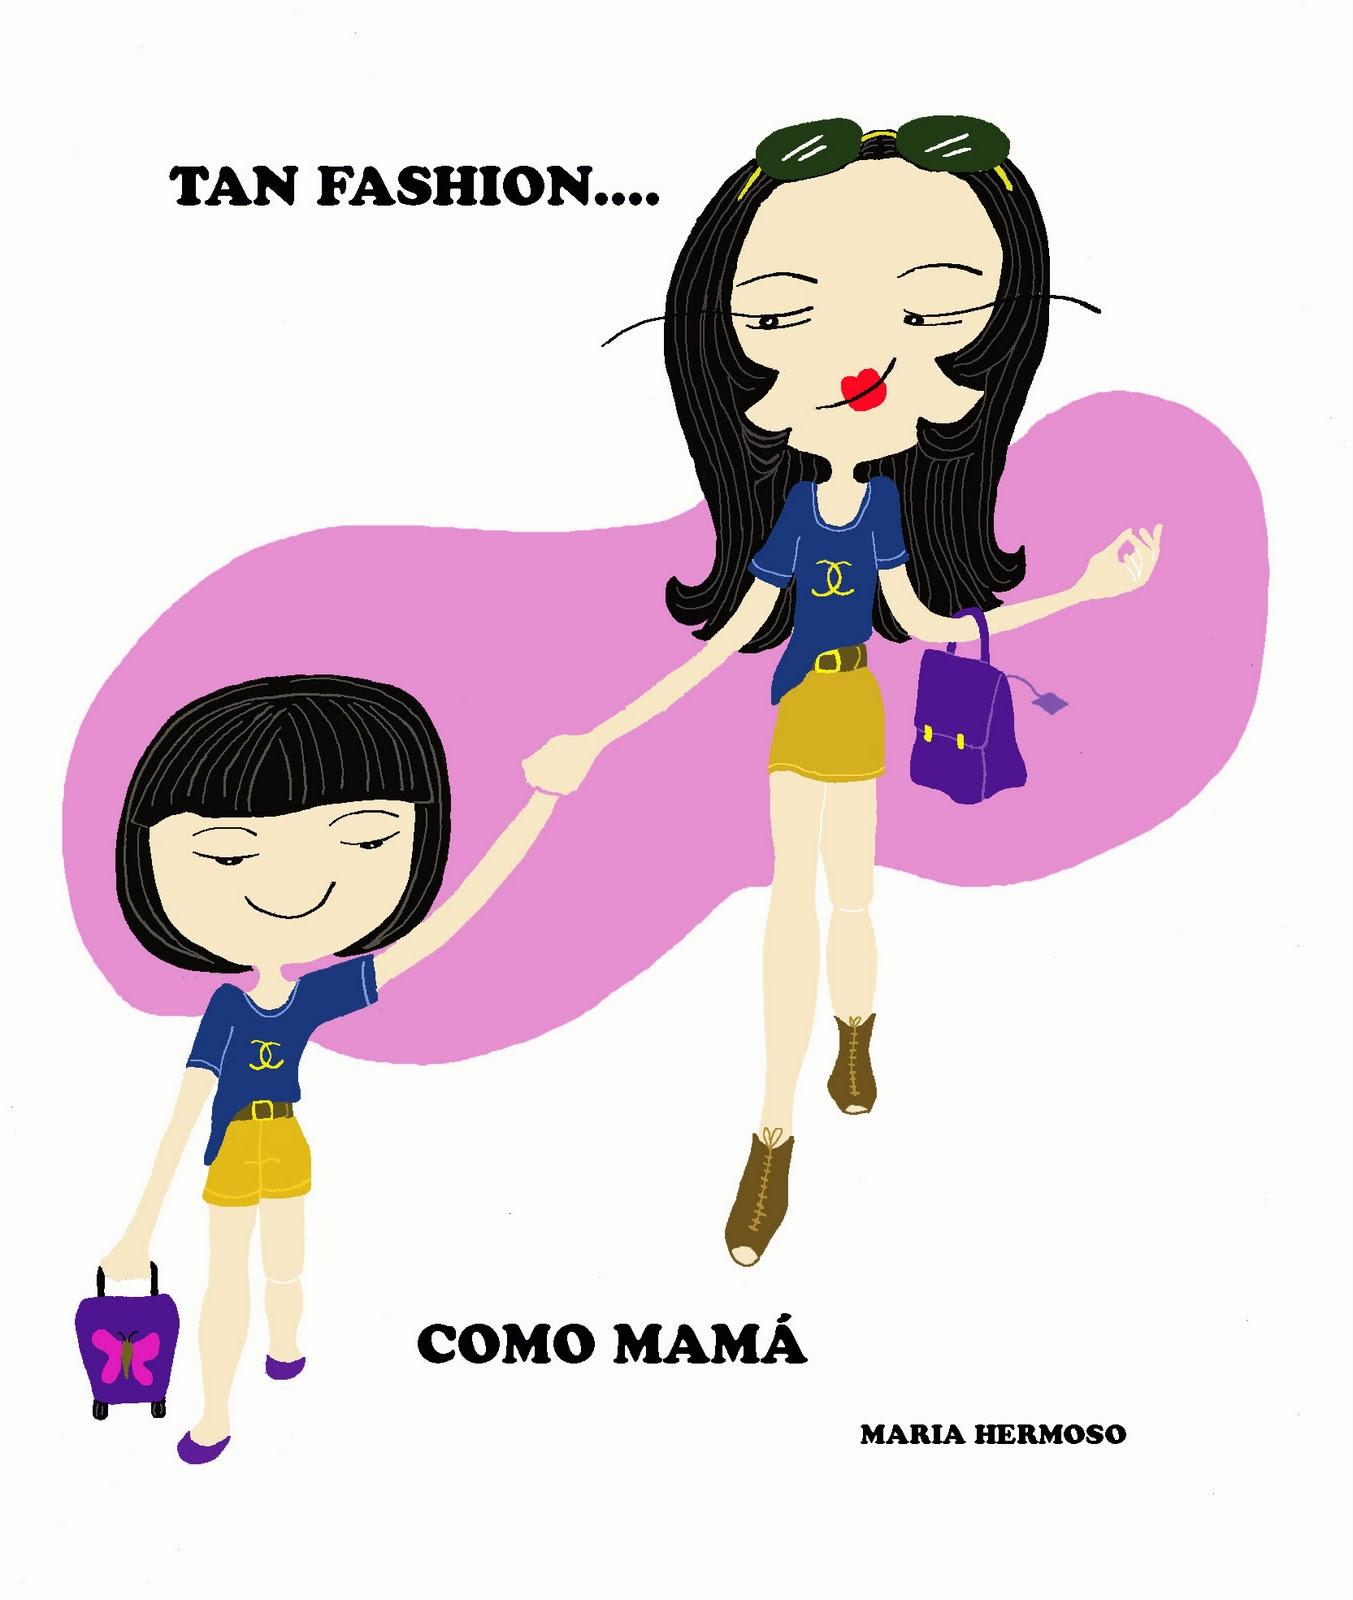 http://2.bp.blogspot.com/__6L-ehL-DAY/TPj9NfQLrFI/AAAAAAAAOQE/nfjnVBr2q6s/s1600/La-moda-es-Bella-porMariaHermoso-n13.jpg